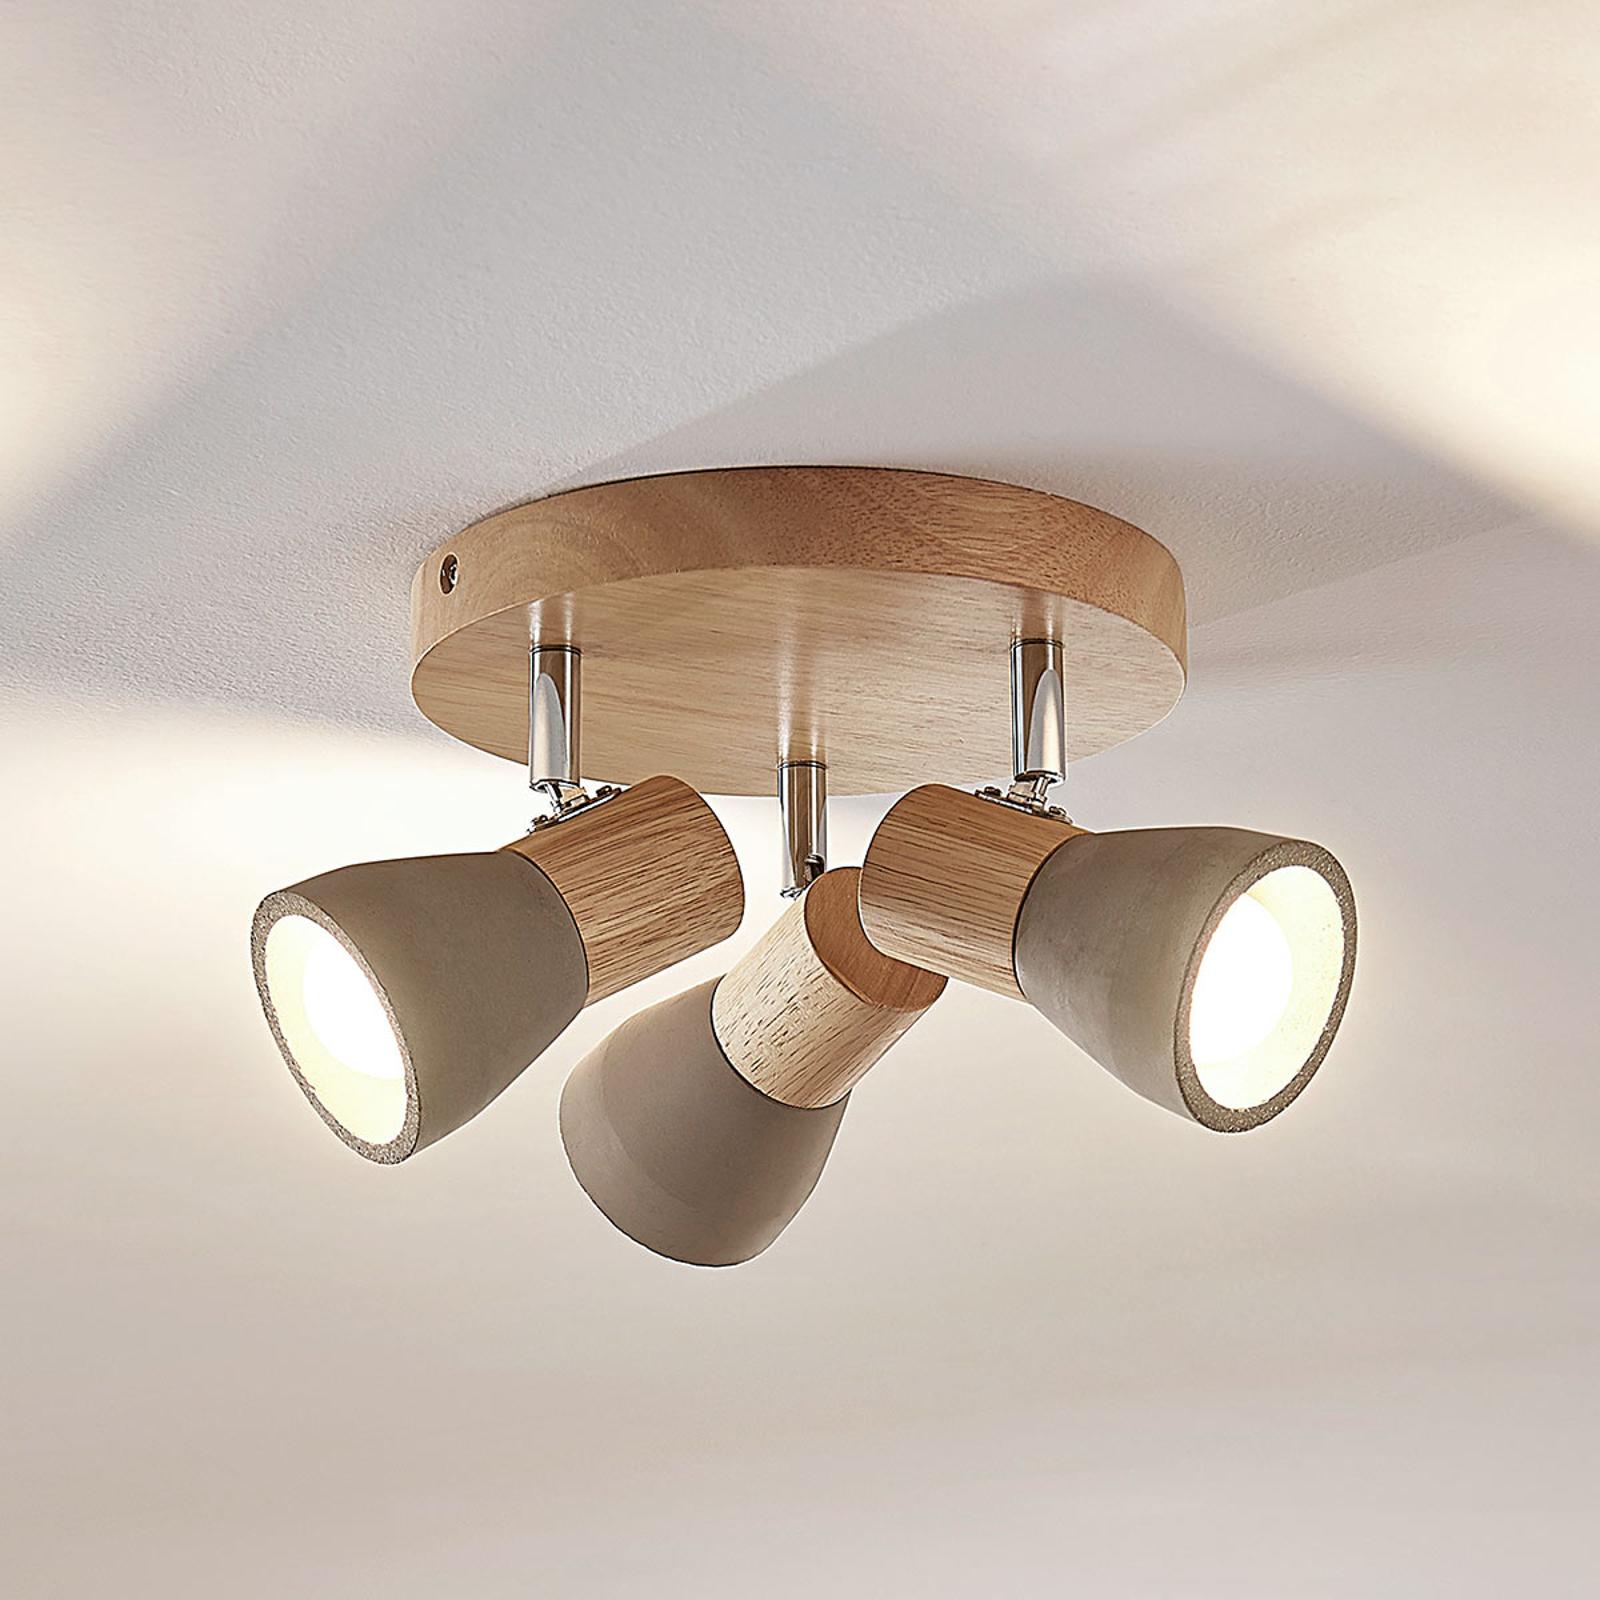 Foco LED de madera Filiz con pantallas hormigón